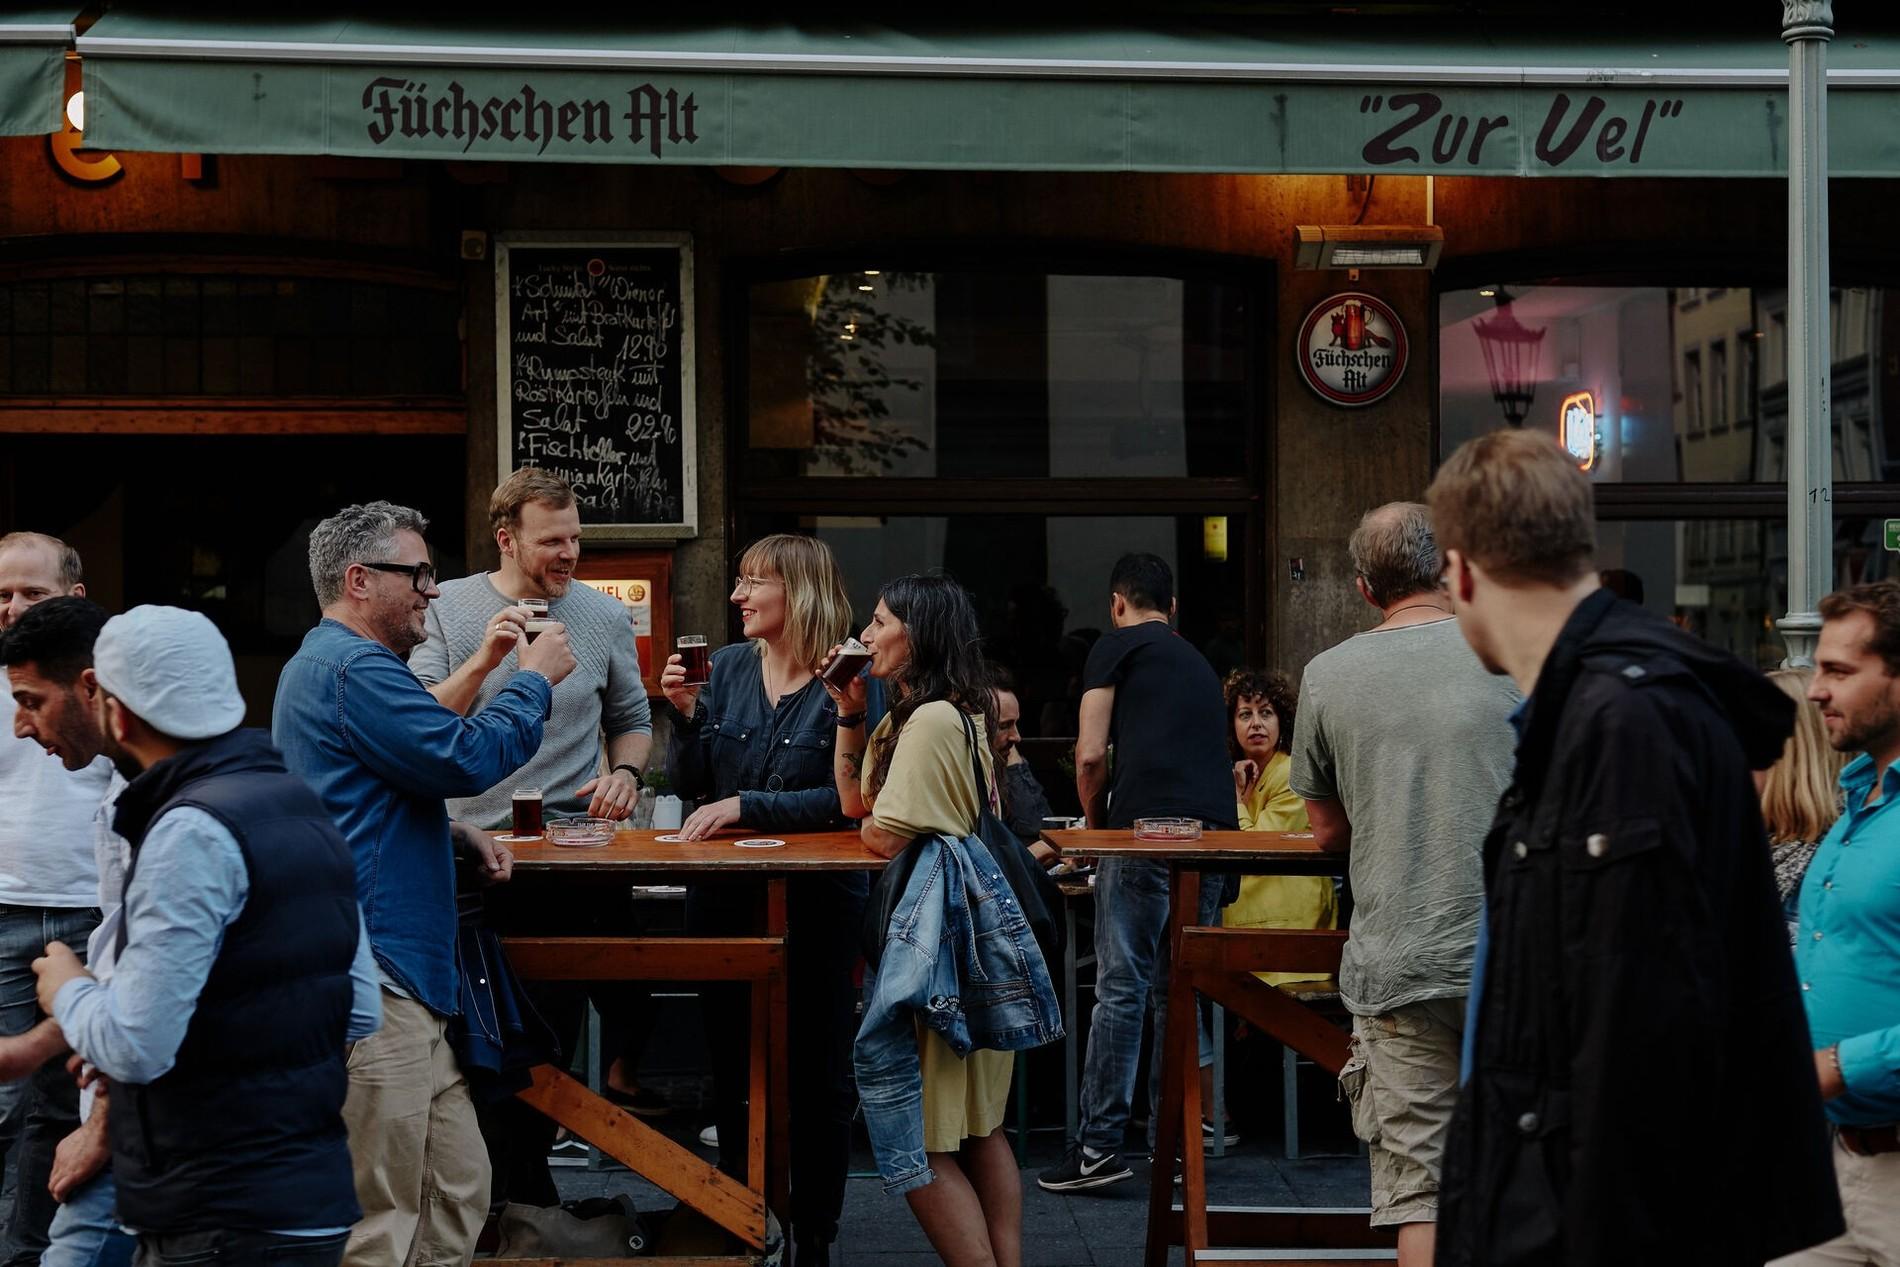 New_Altstadt_Ratinger_Bier_trinken